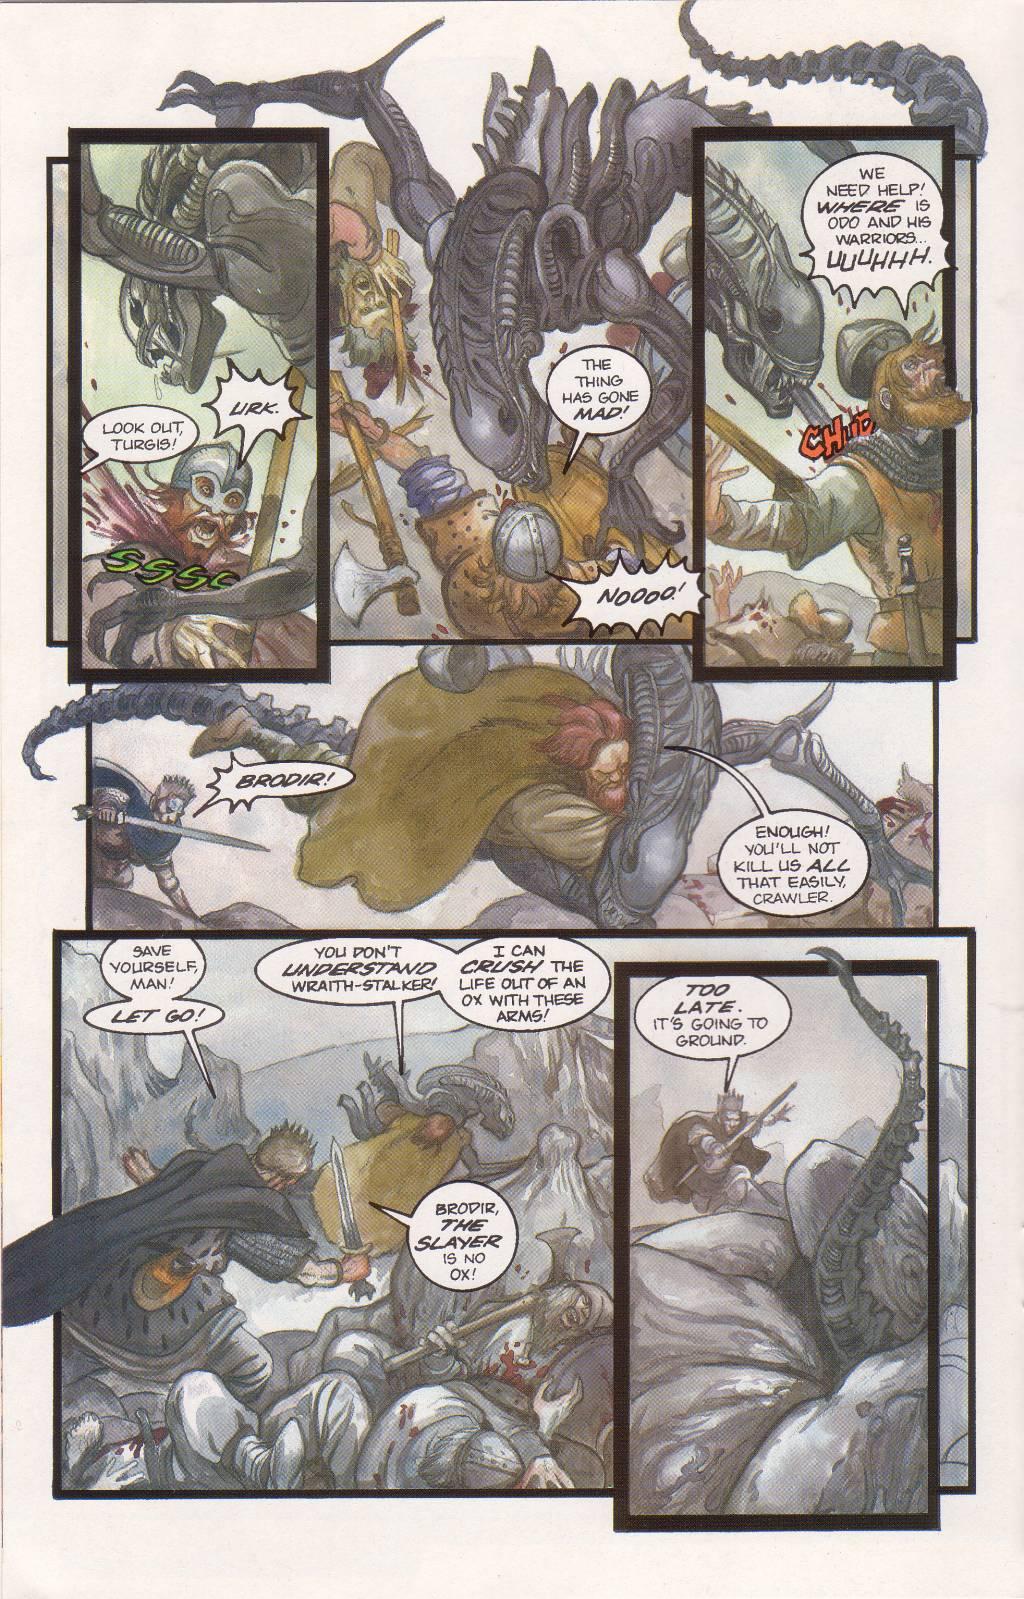 Бэтмен против Чужого?! Безумные комикс-кроссоверы сксеноморфами. - Изображение 21